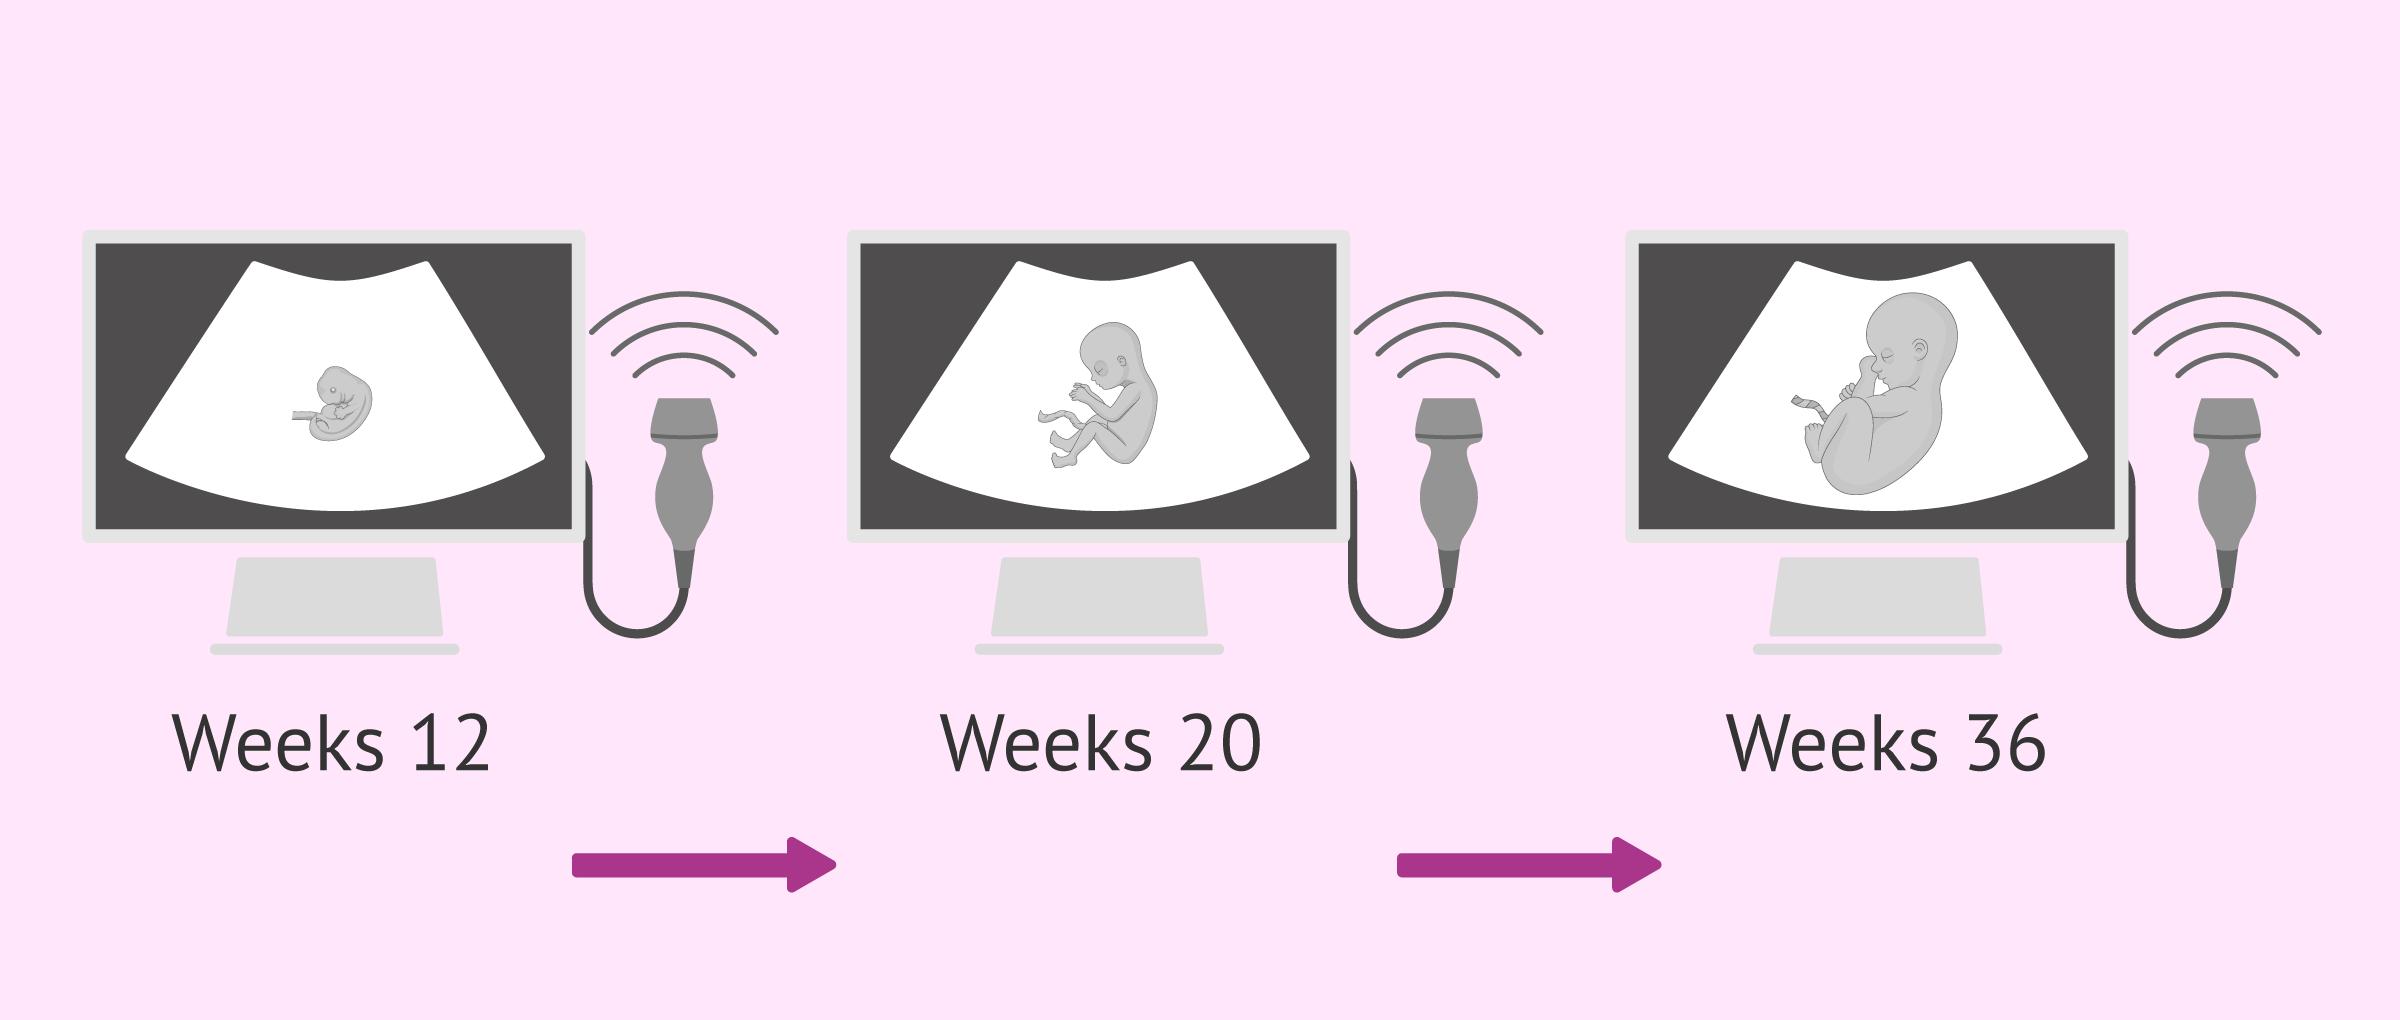 Imagen: Fetal ultrasounds during pregnancy